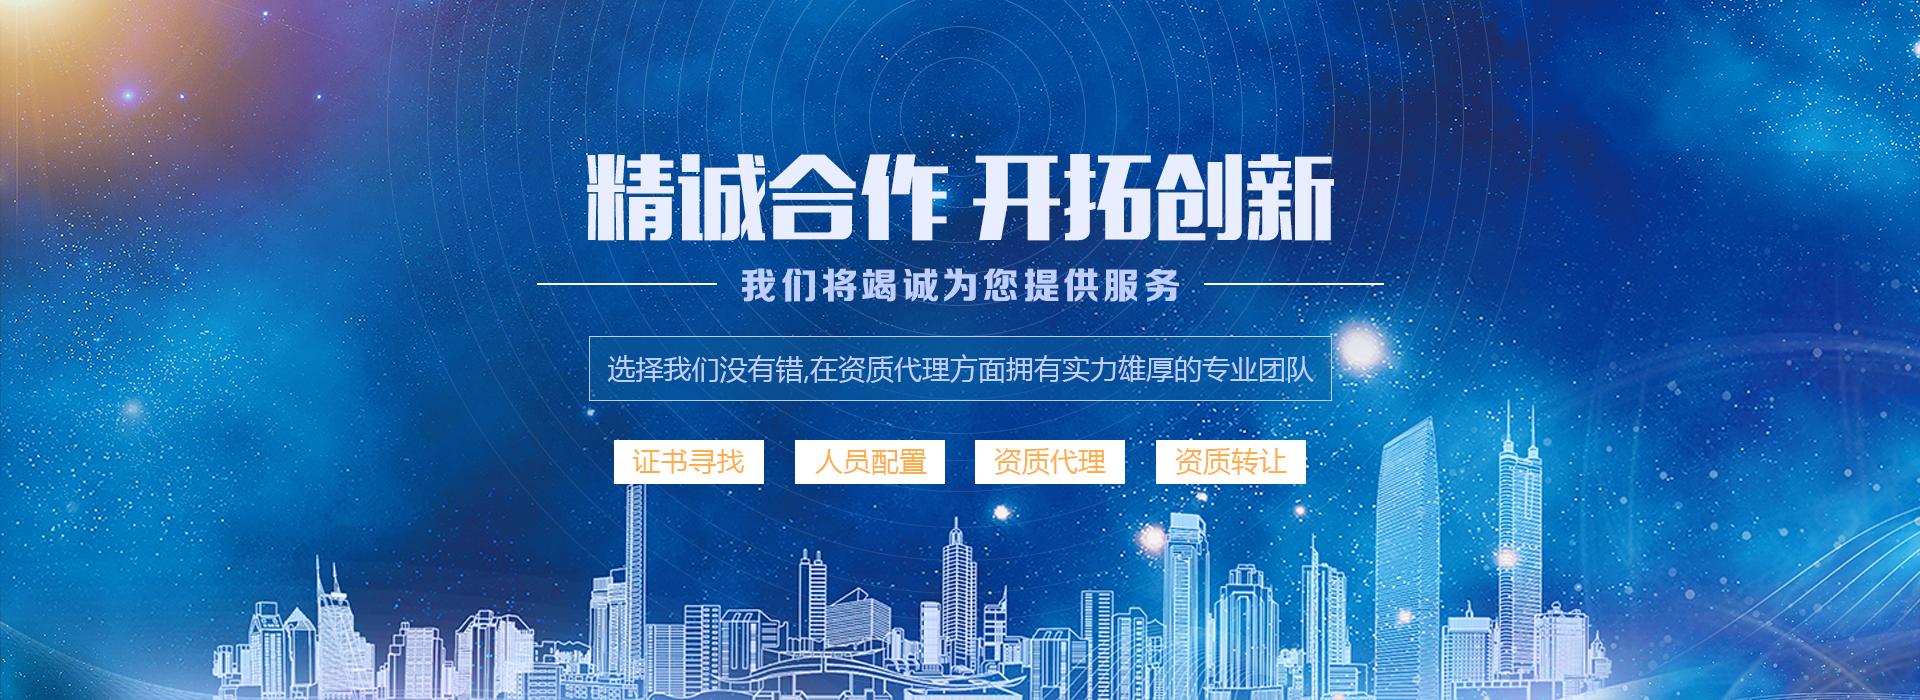 上海巨峰投资|投资发展网